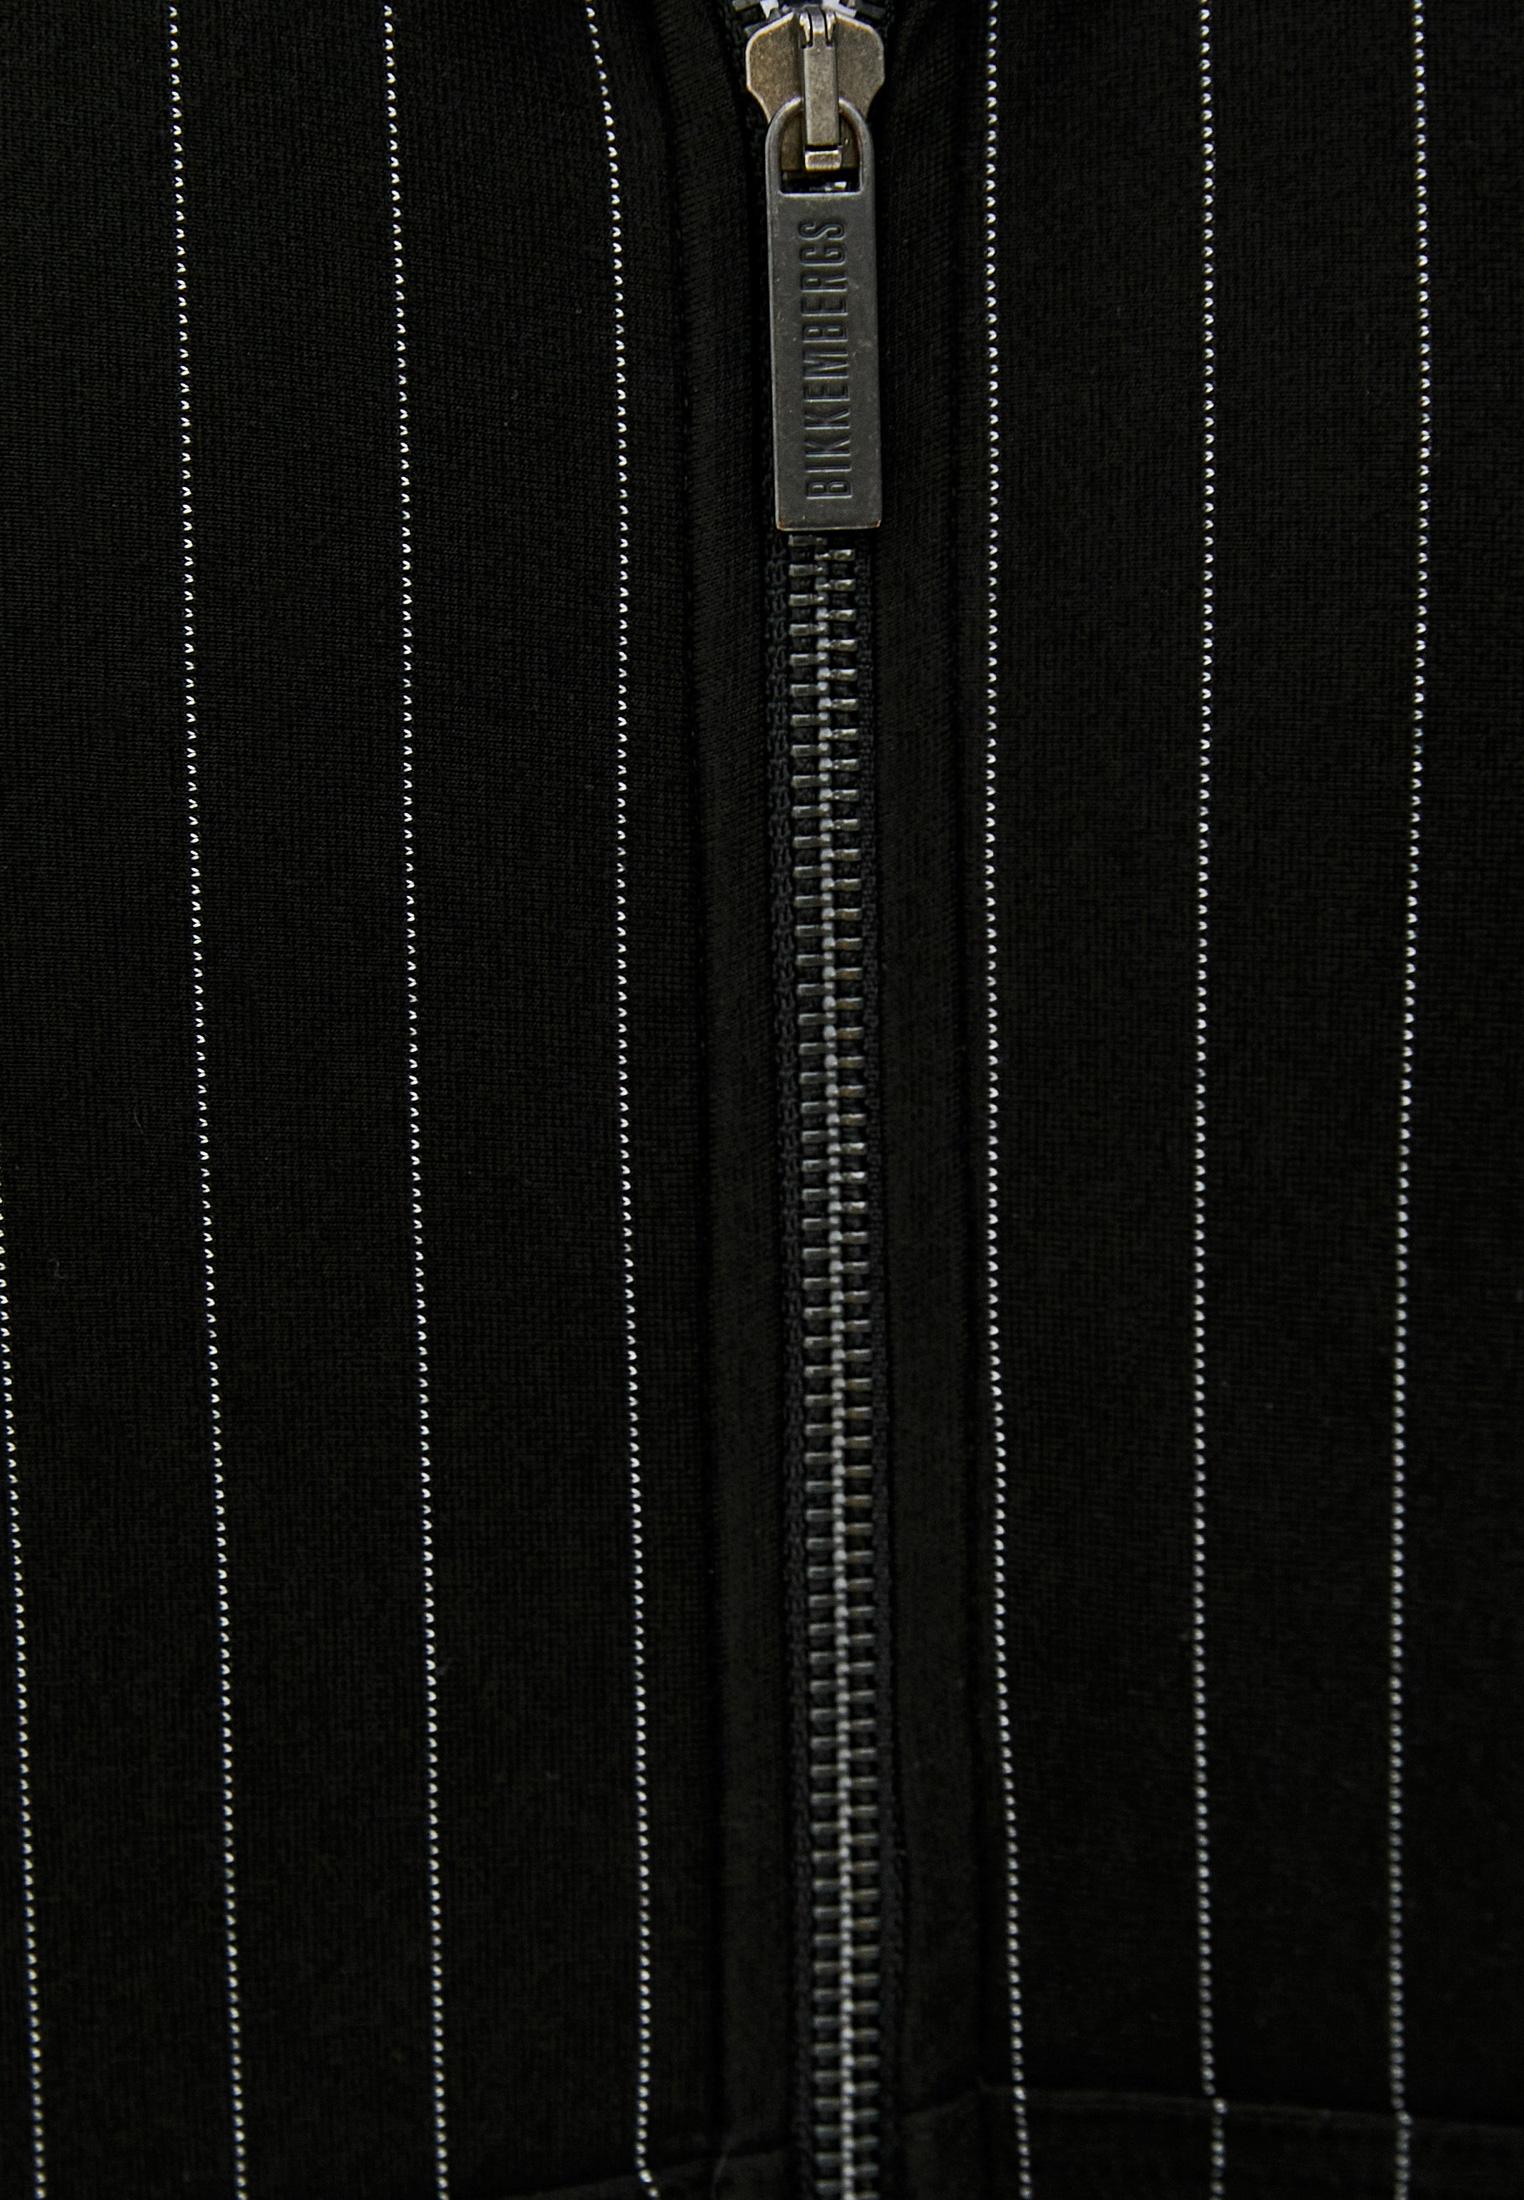 Мужская толстовка Bikkembergs (Биккембергс) c 6 189 7t e 2177: изображение 5